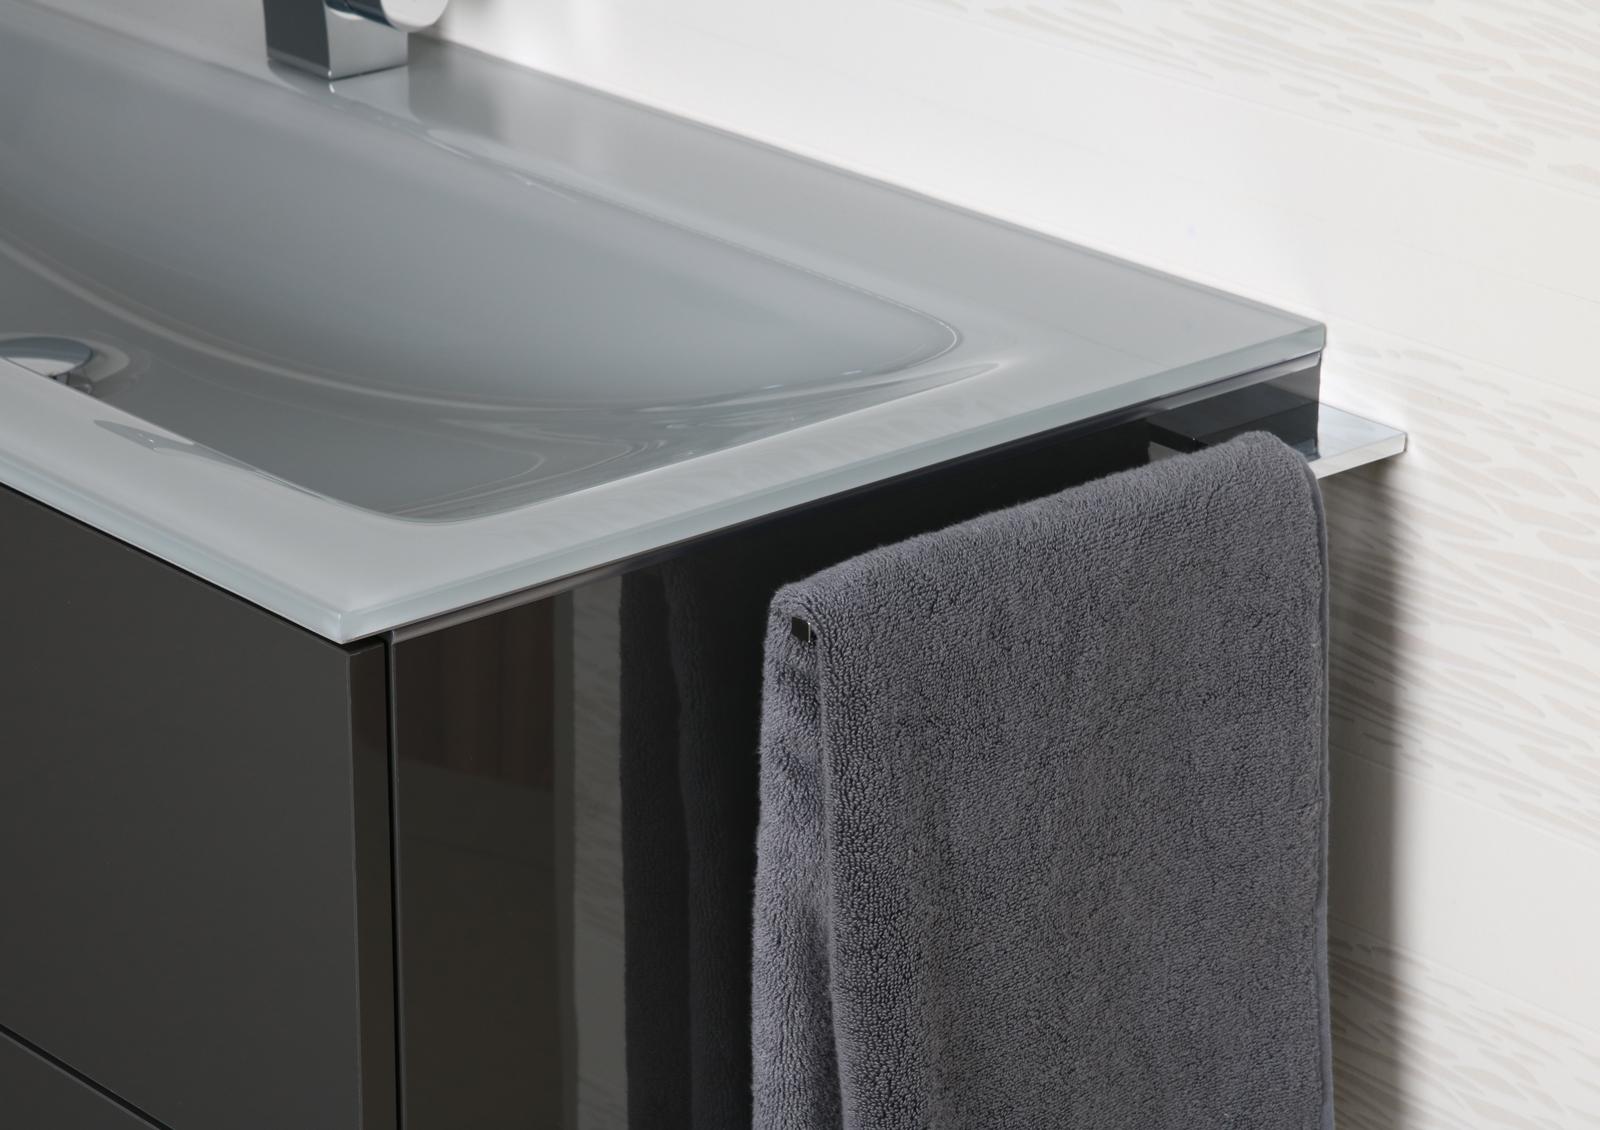 handtuchhalter bad chrom handtuchreling design bad accessoires badetuchstange. Black Bedroom Furniture Sets. Home Design Ideas